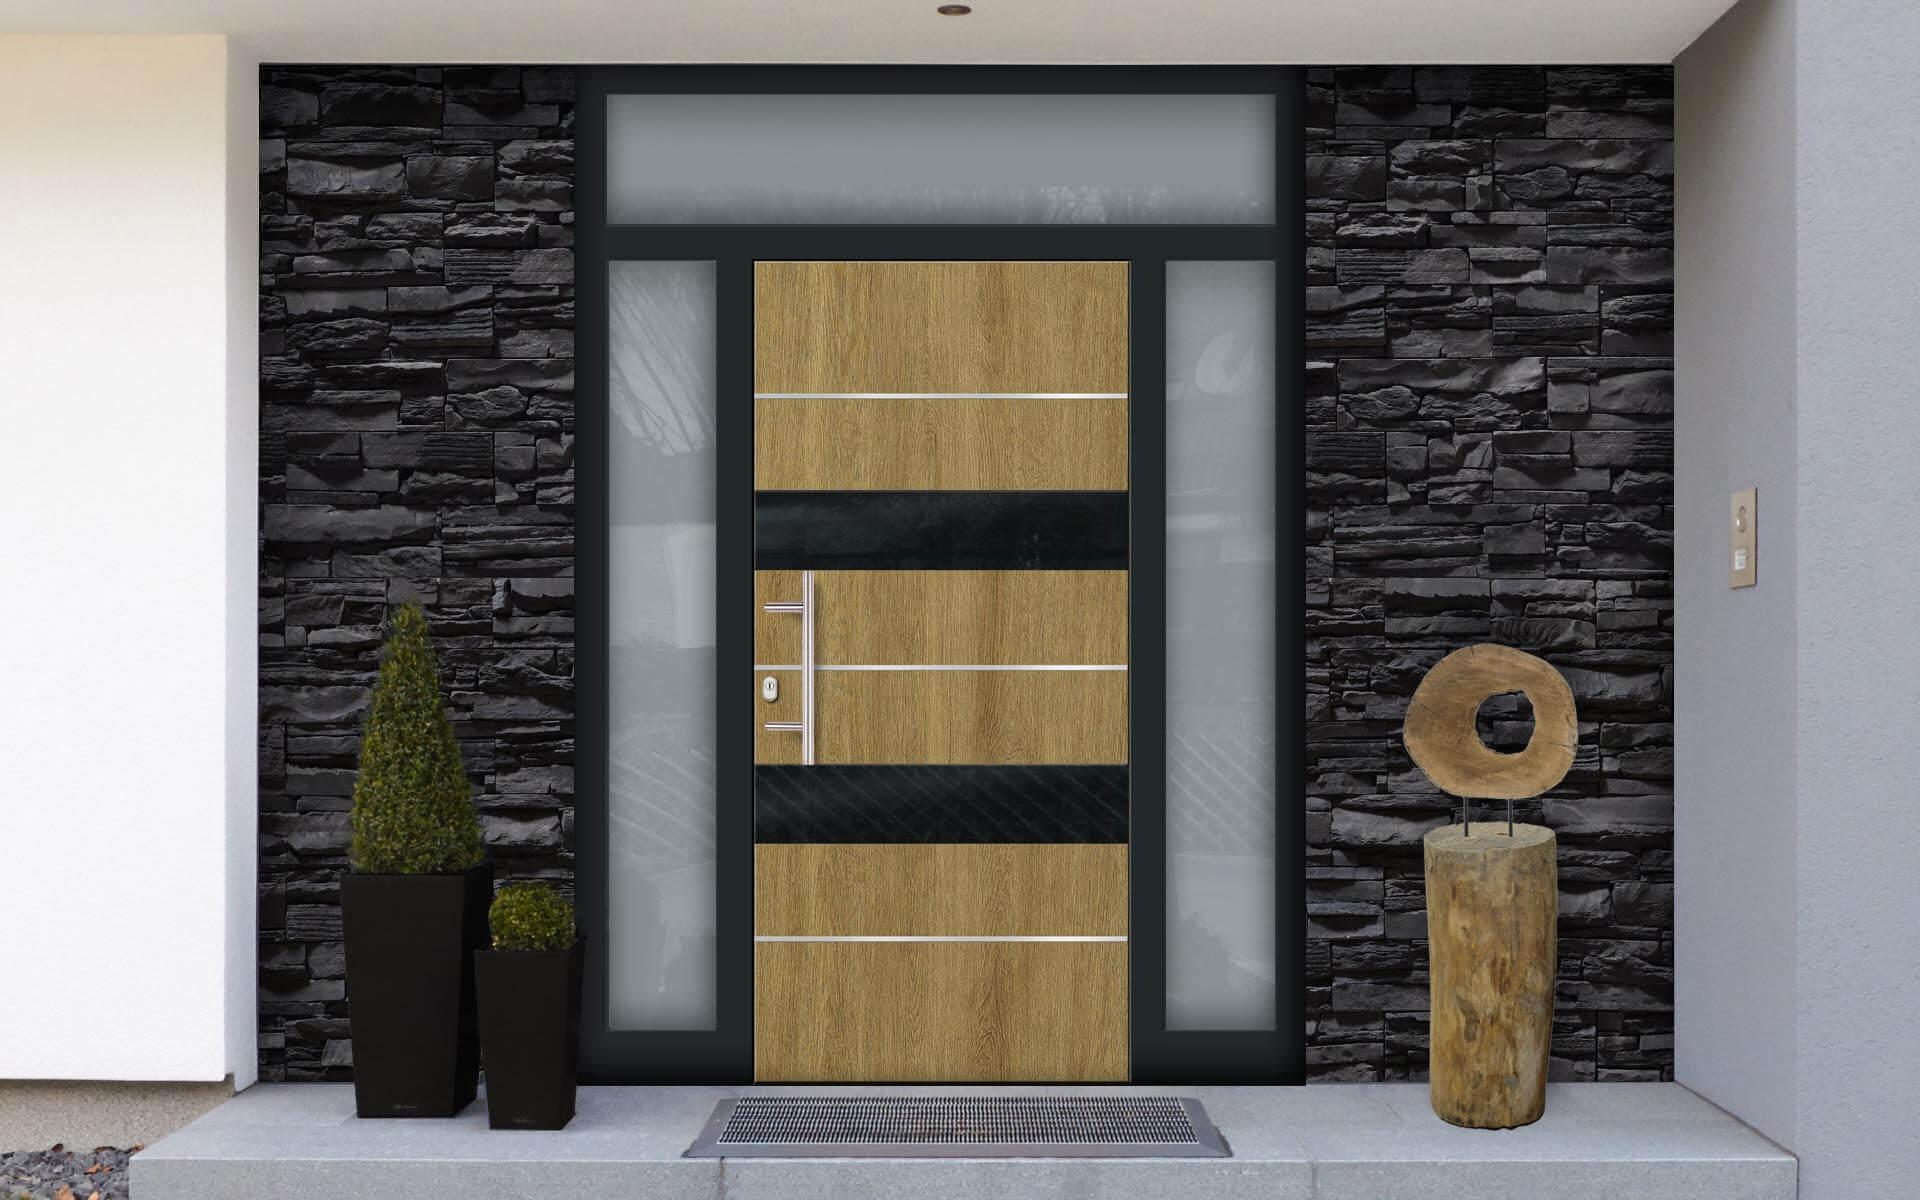 Hliníkové vchodové dvere so svetlíkom AVI-G-7710 v prevedení drevo a farbe RAL 7016